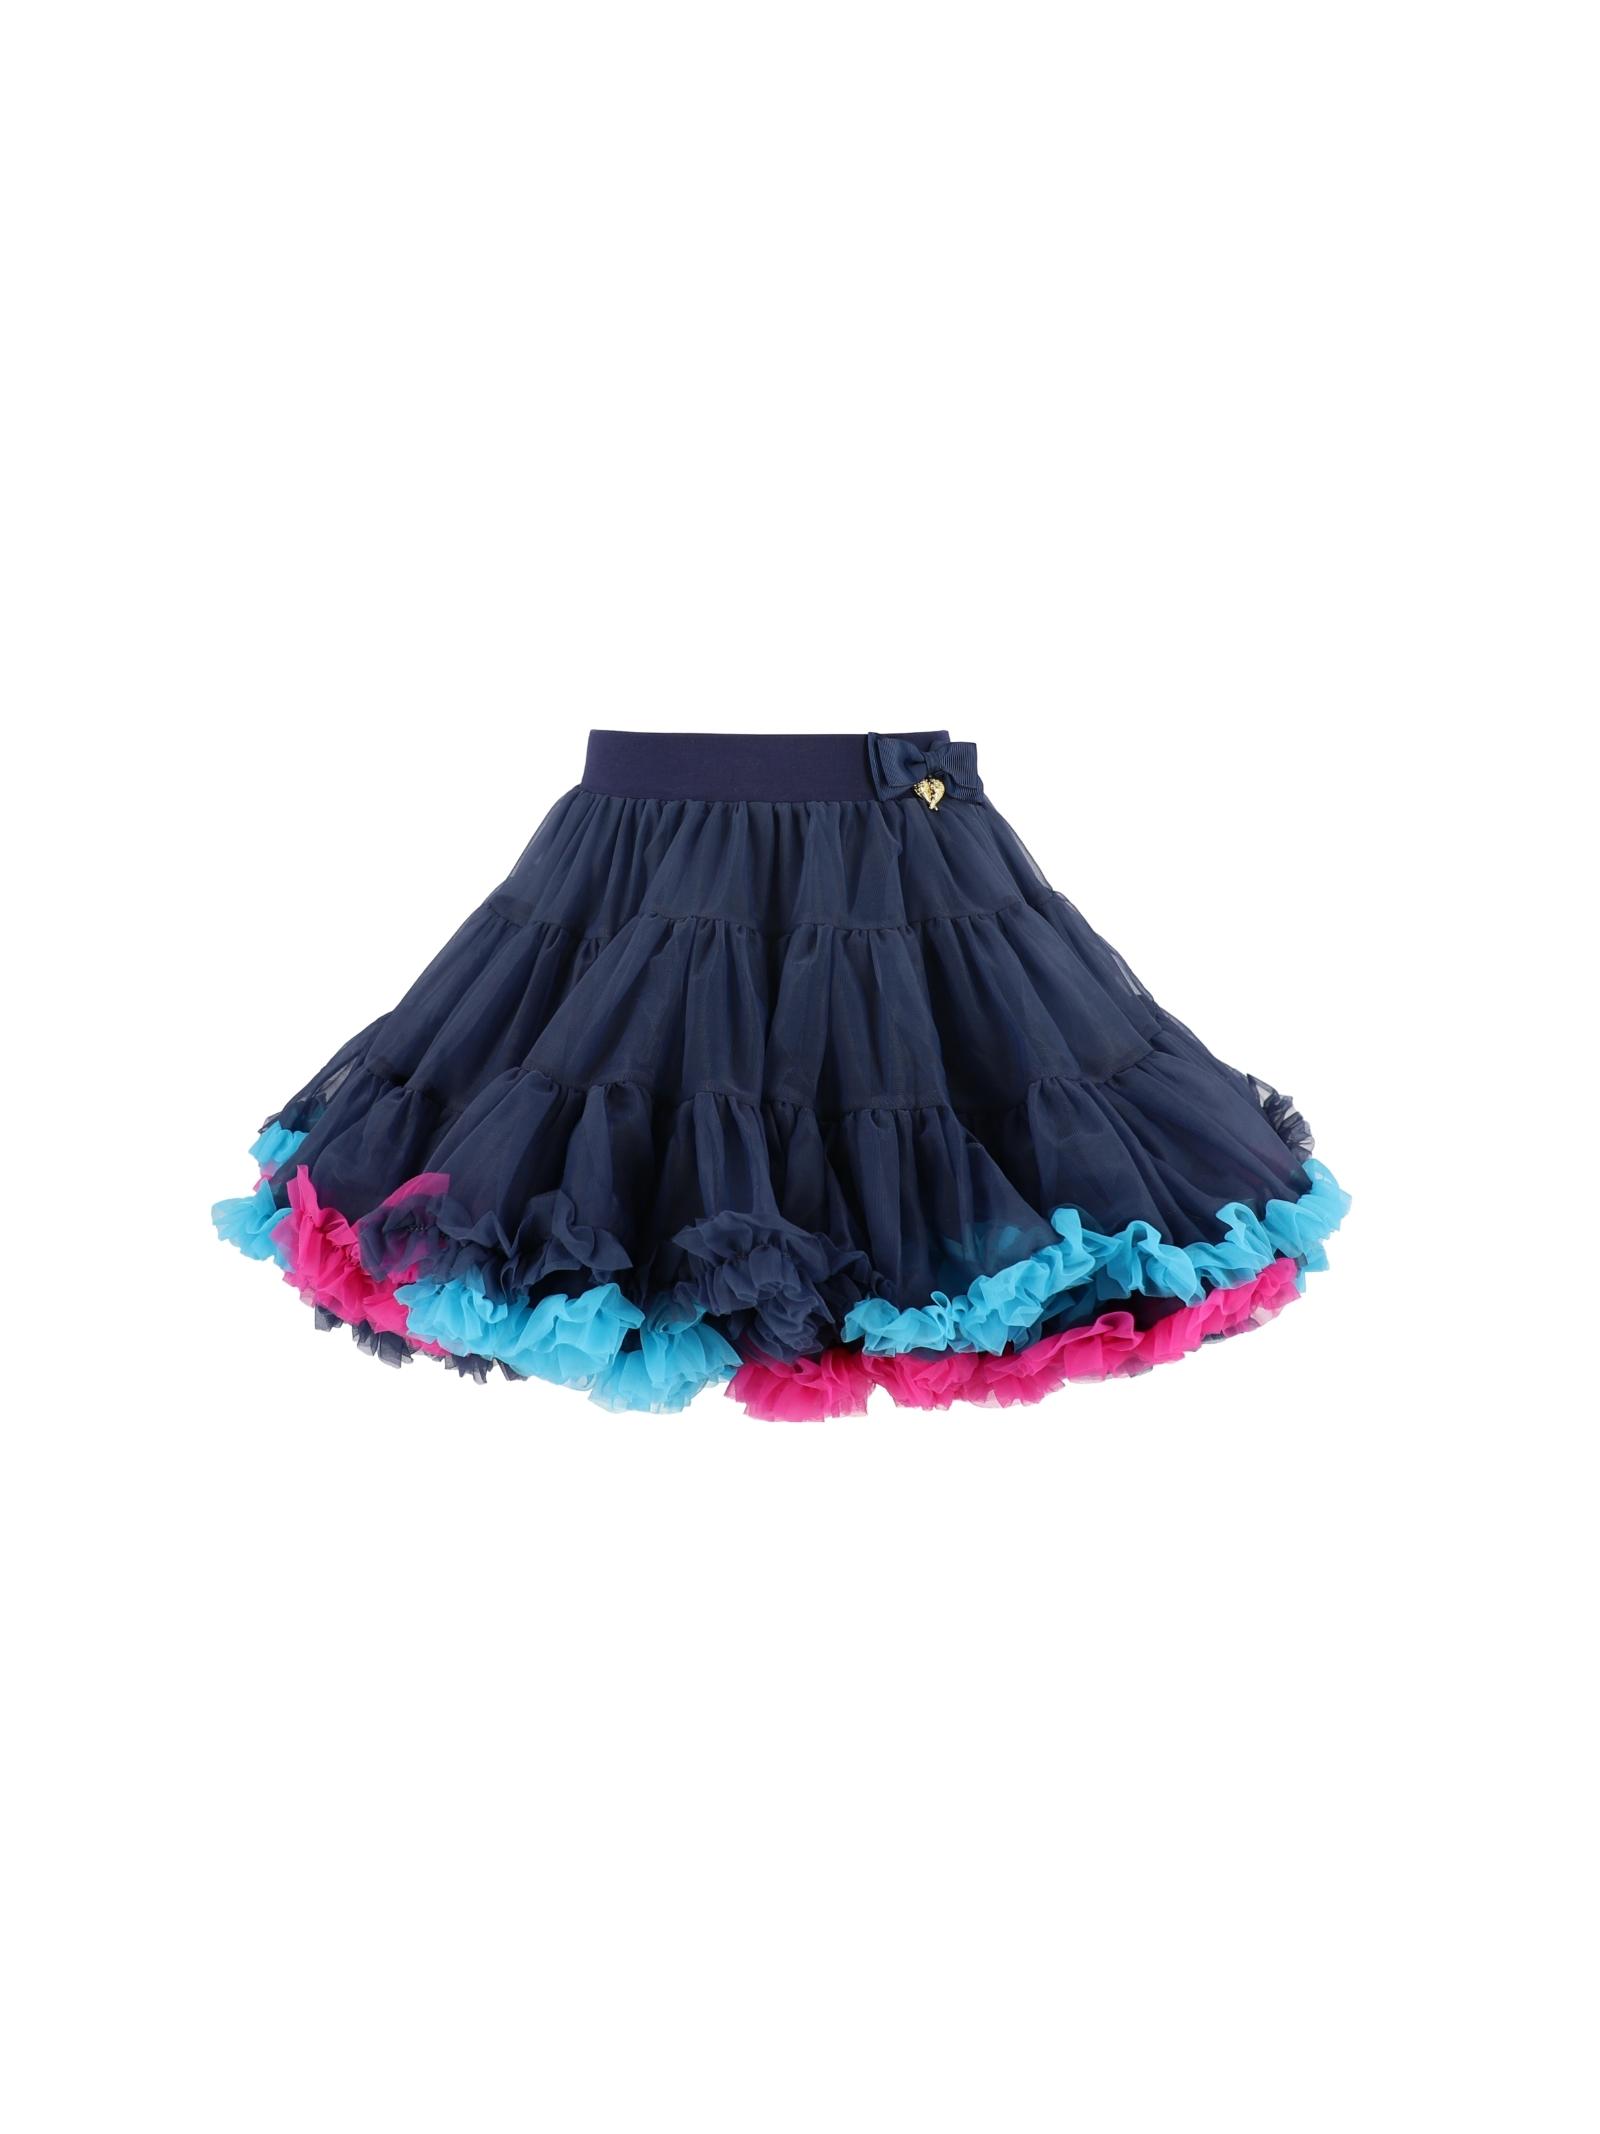 Charlie Girl Skirt ANGEL'S FACE | Skirts | CHARLIENAVY MULTI